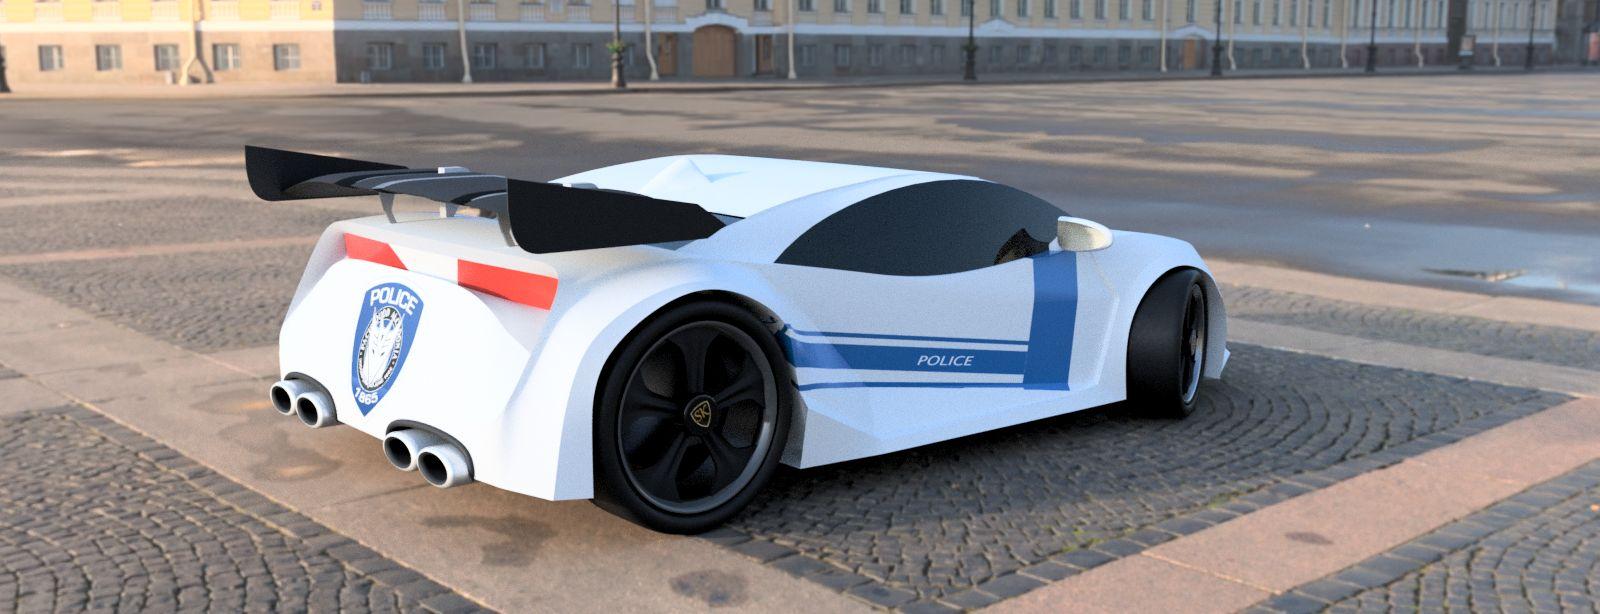 Concept-car-2-v26-3500-3500